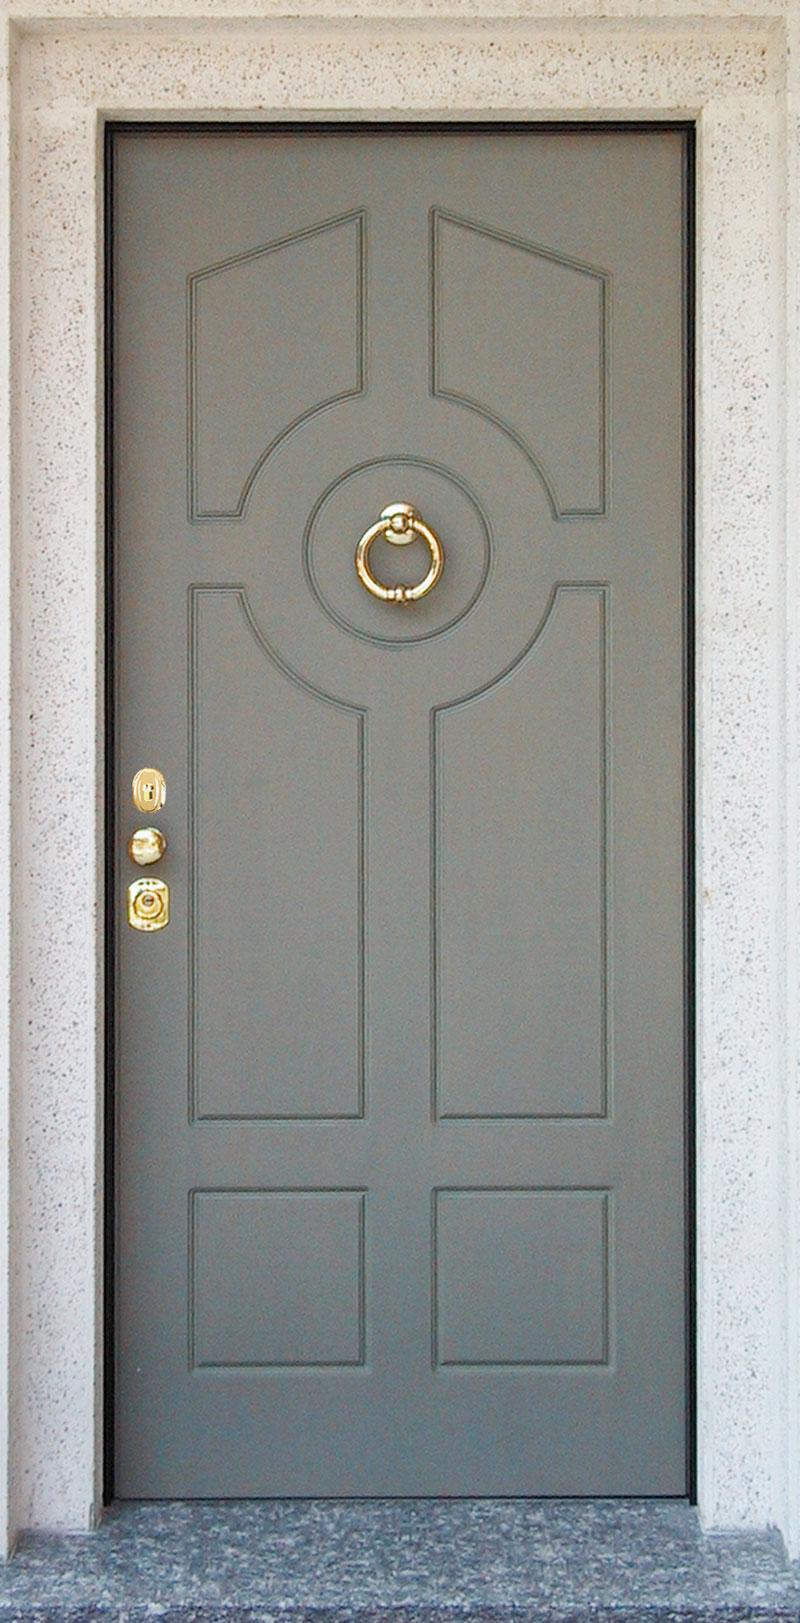 Porte blindate saronno e garbagnate coccia c - Come oscurare finestre senza persiane ...